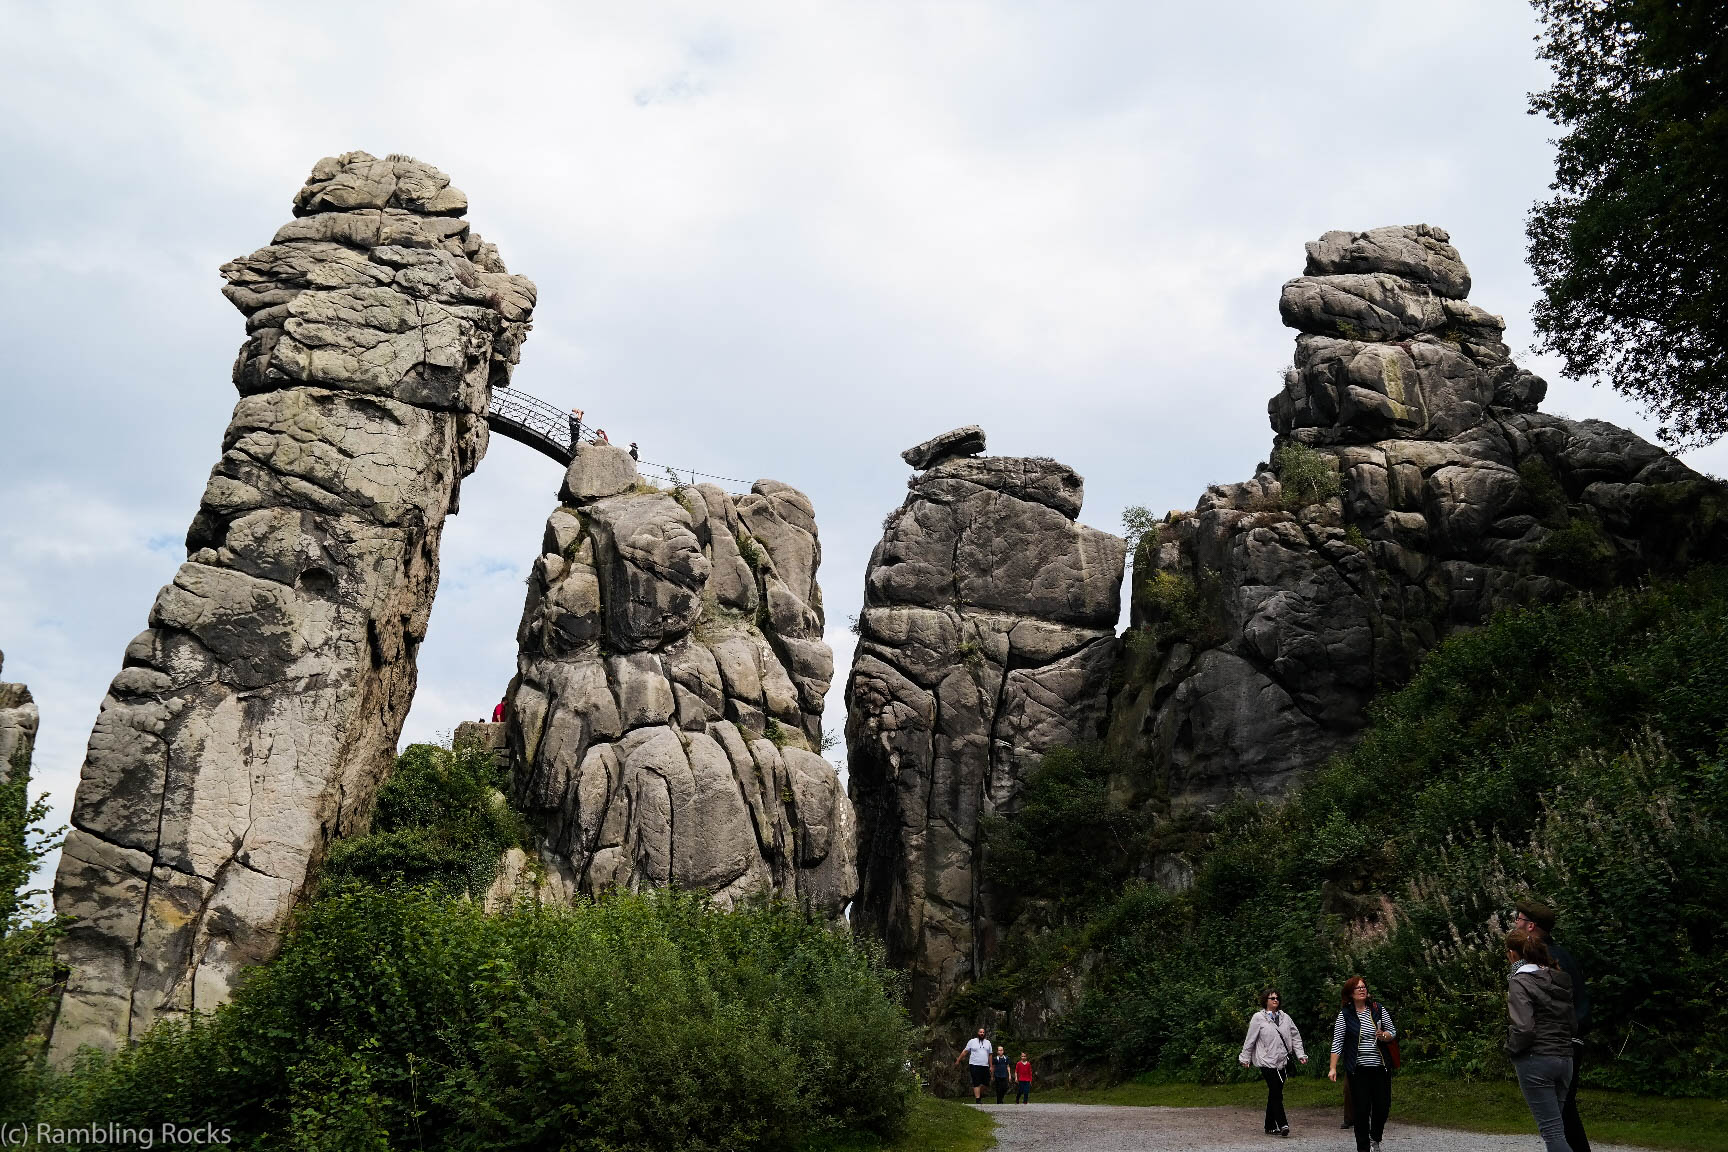 Geotop Saarschleife